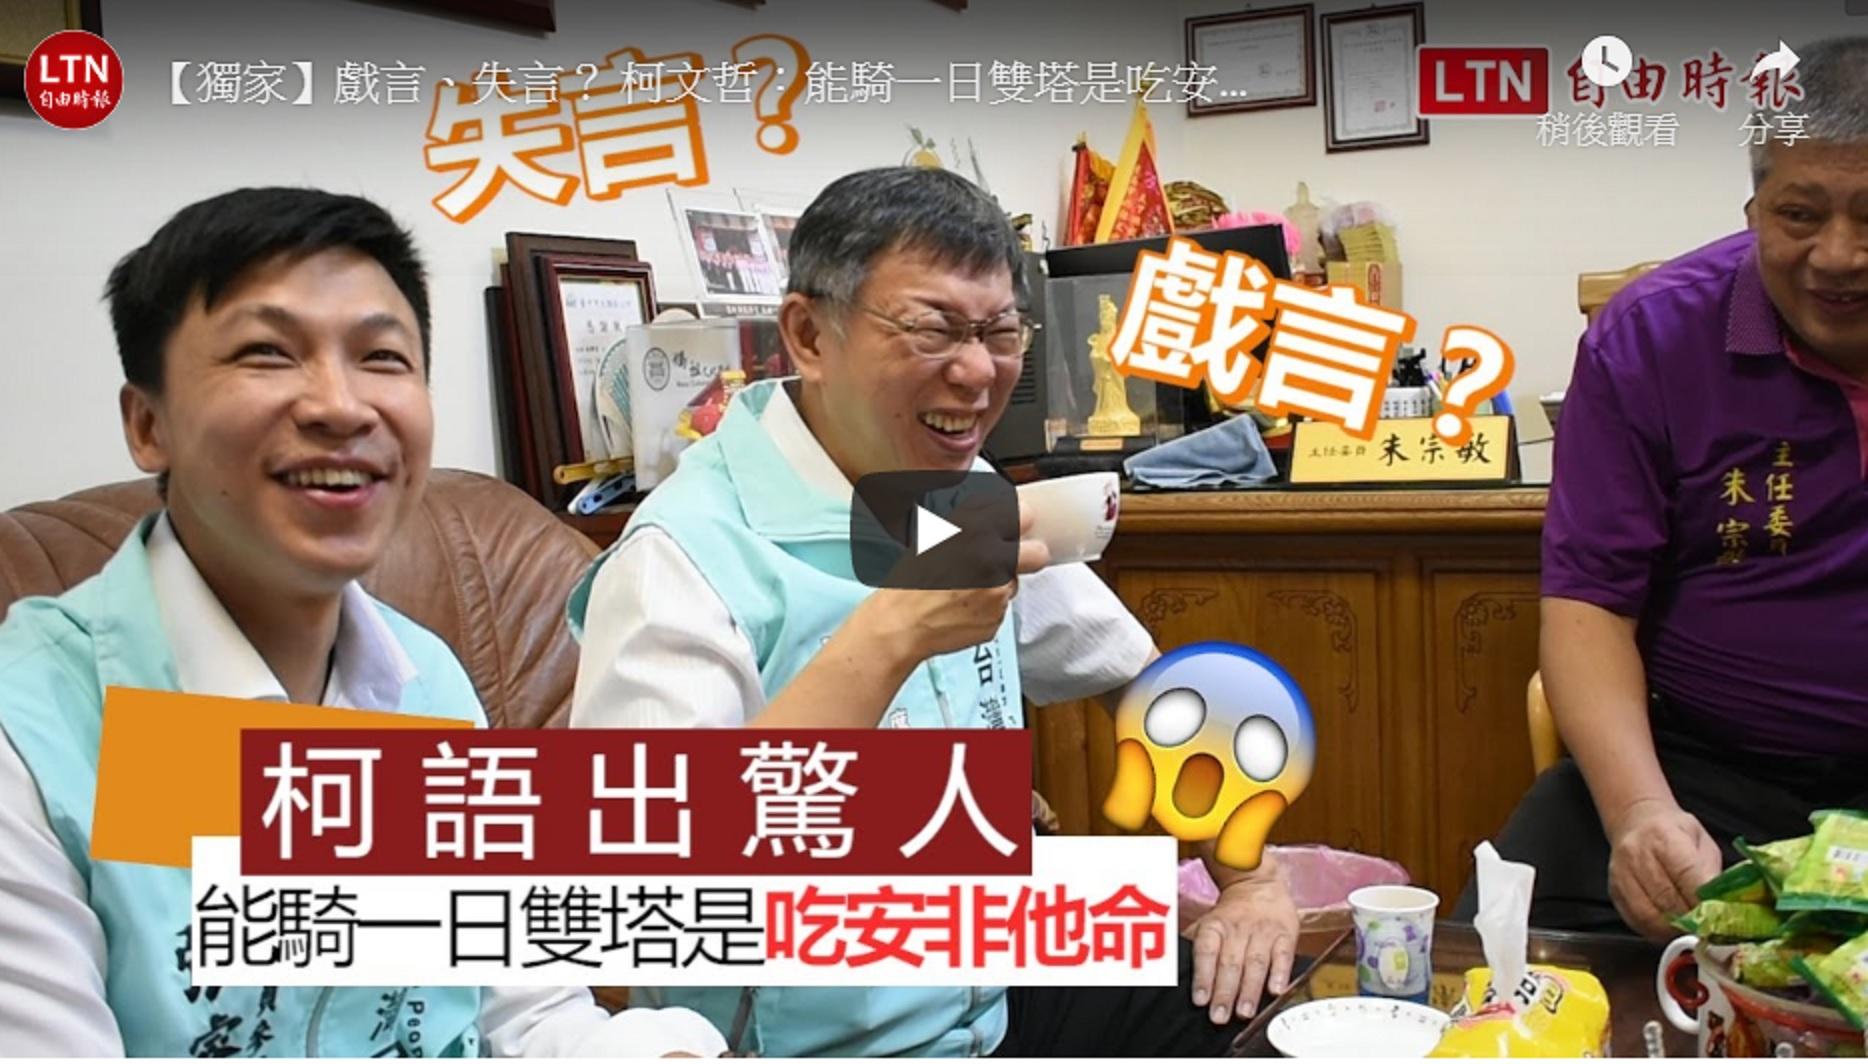 這種水準,真是污辱了台灣民眾黨